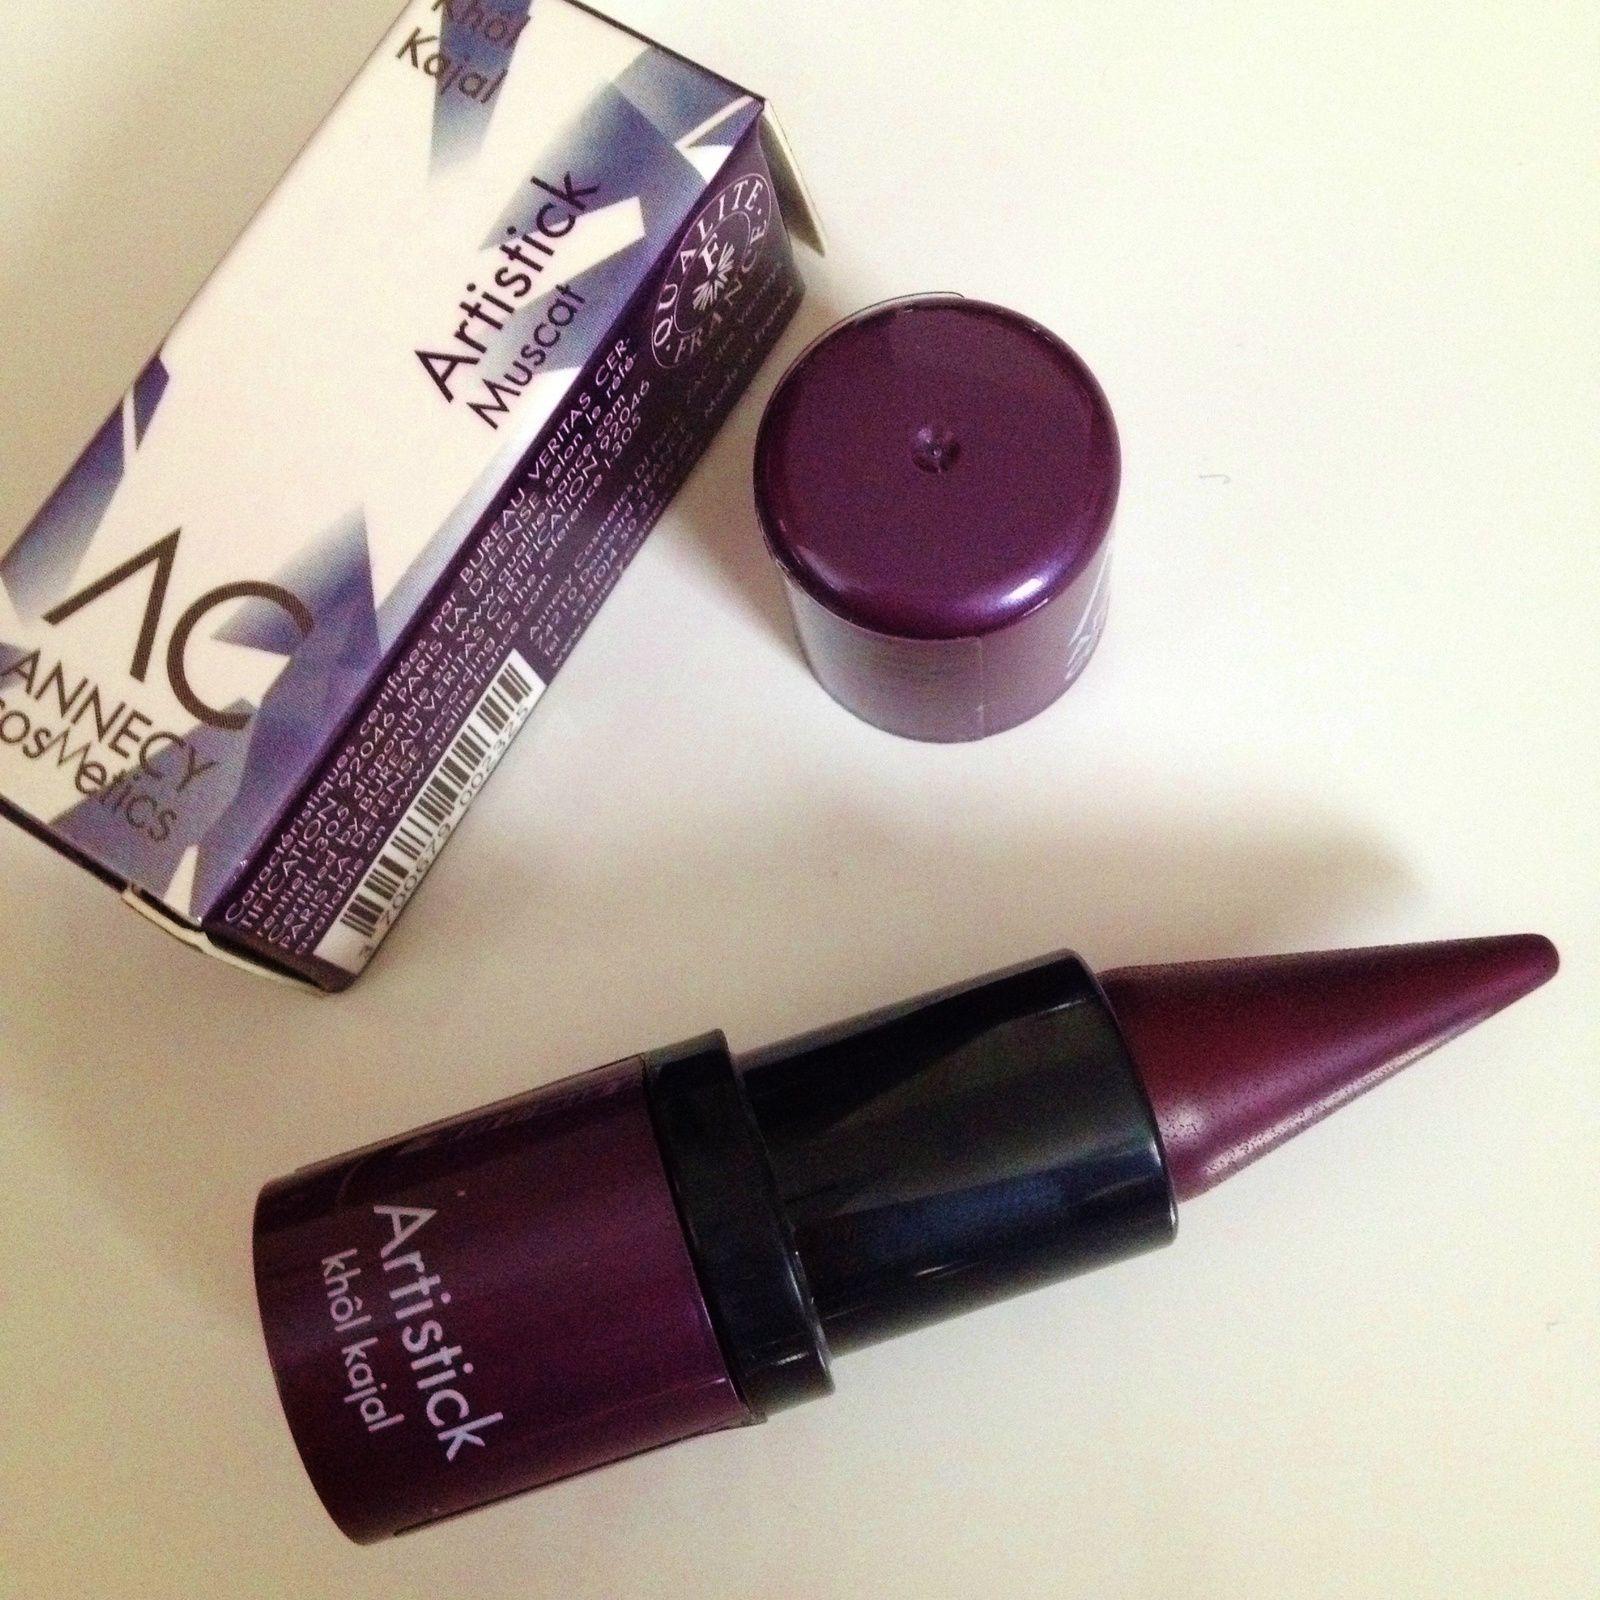 Un khôl kajal d'Annecy Cosmetics. Un produit que j'utilise au quotidien. Il peut aussi s'utiliser en fard à paupières. J'ai eu le coloris violet qui change de mon sempiternel noir.